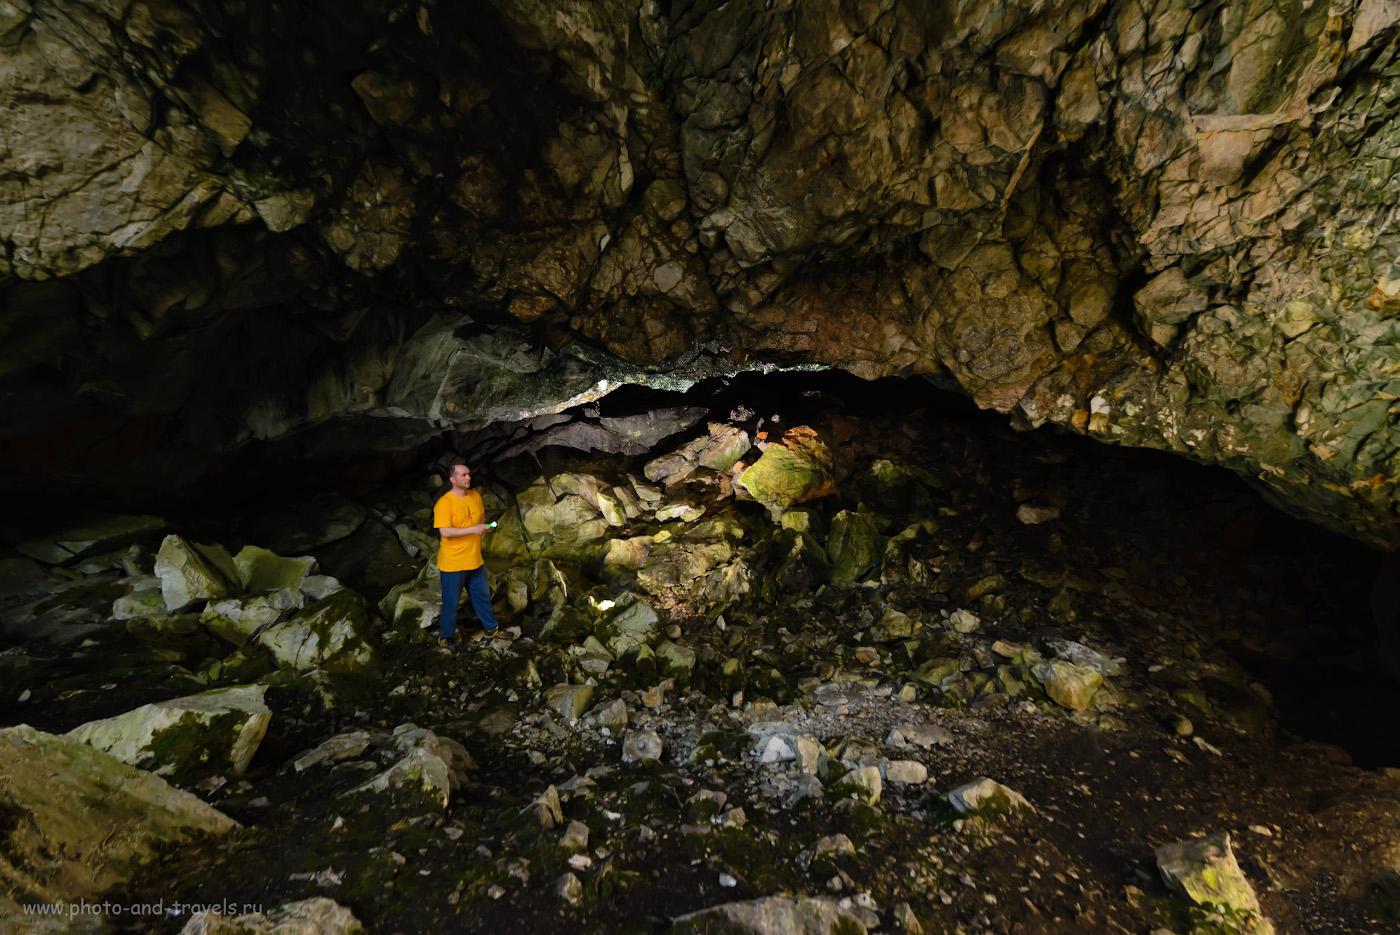 26. Мой опыт фотосъемки в пещере около села Аракаево. 1/40, 5.6, 1250, -1.0, 14.